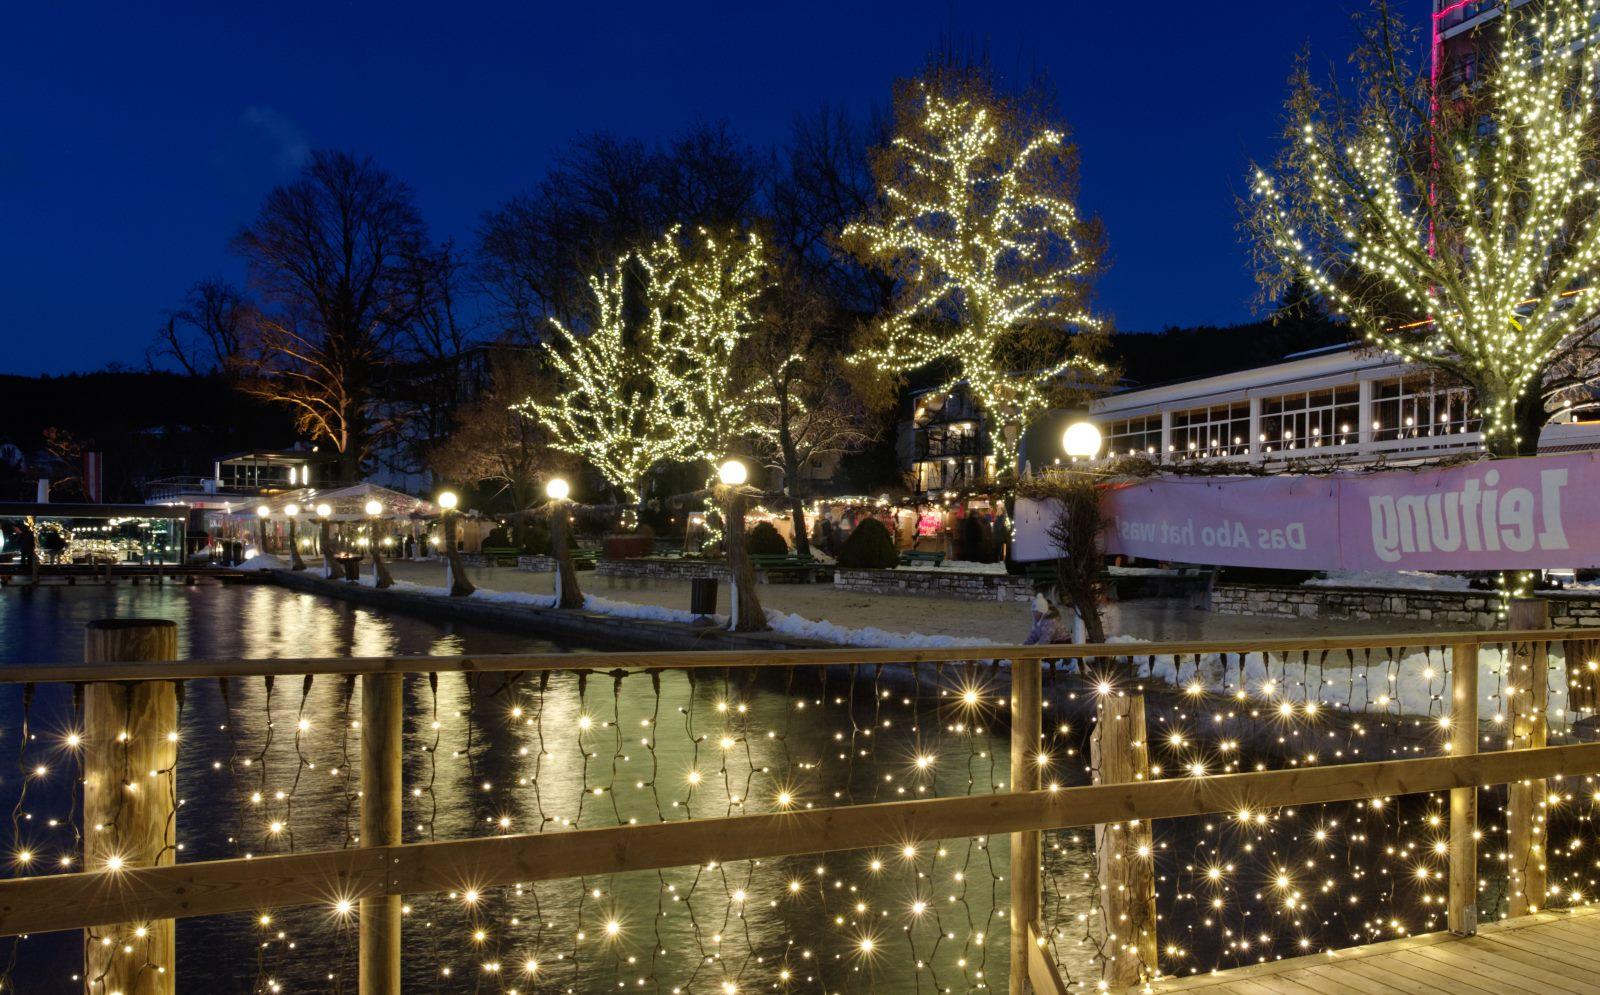 Weihnachtsbeleuchtung Für Innen Und Außen.Die Weihnachtsbeleuchtung Lädt Ein Zum Wiederkehren